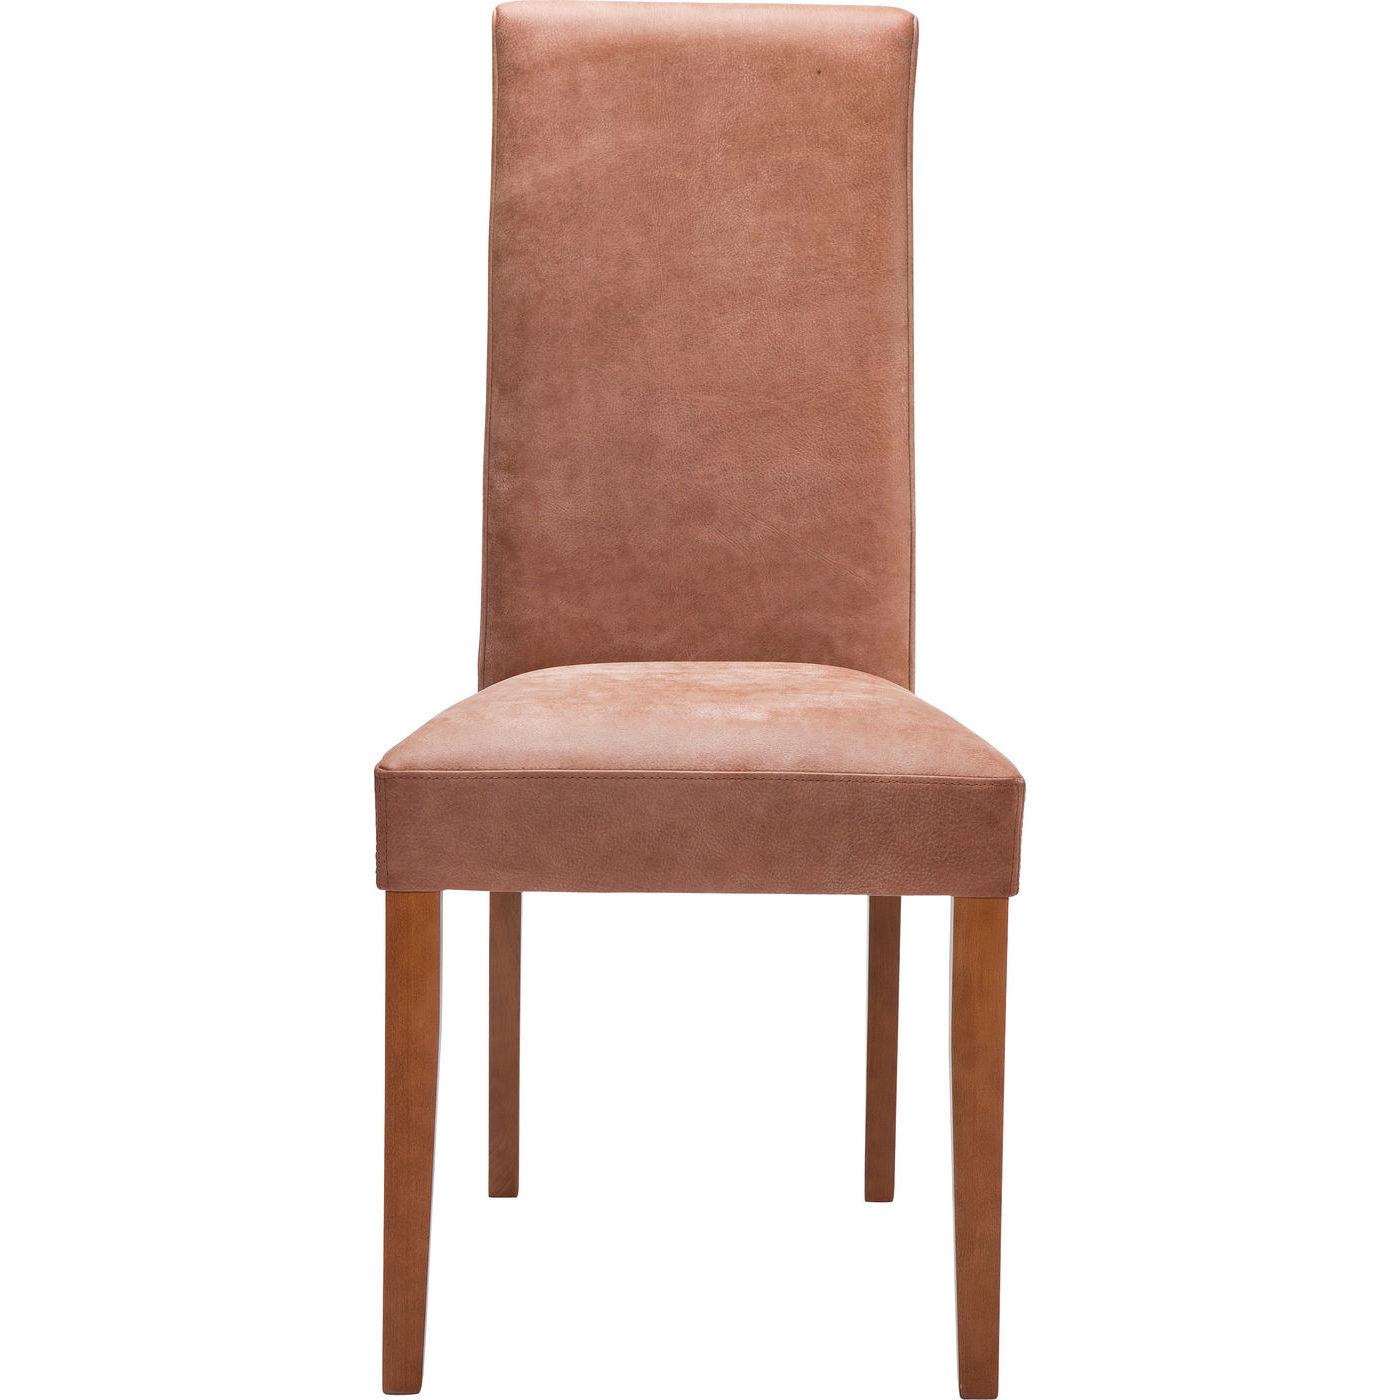 Stuhl polsterstuhl esszimmerstuhl wohnzimmer econo leder neu kare design - Kare design wohnzimmer ...